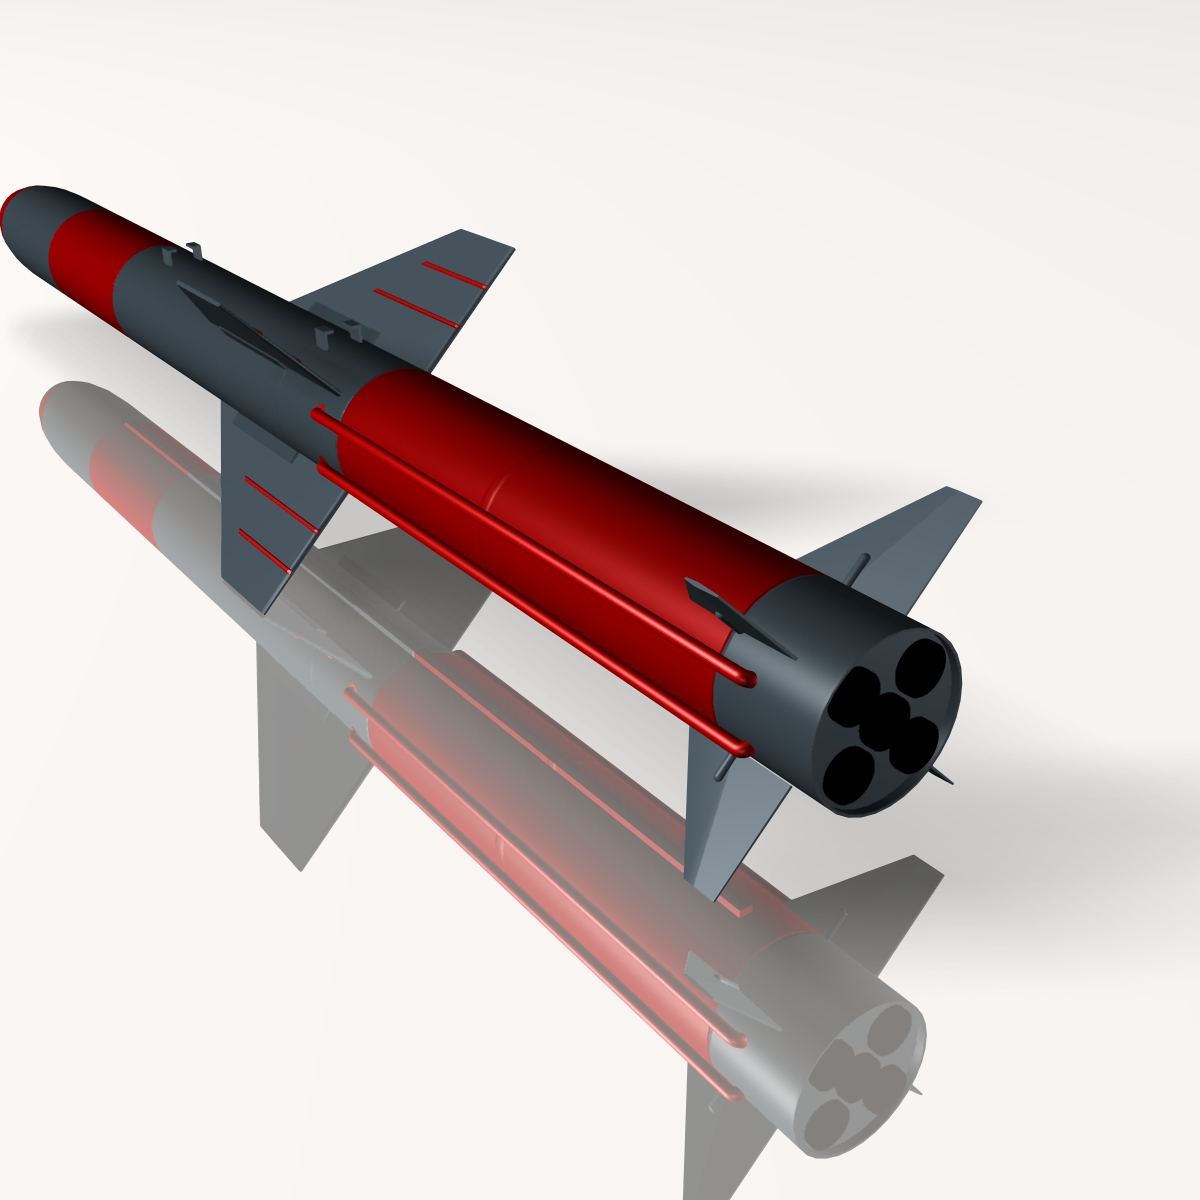 iranian koswar missile 3d model 3ds dxf x cod scn obj 149763